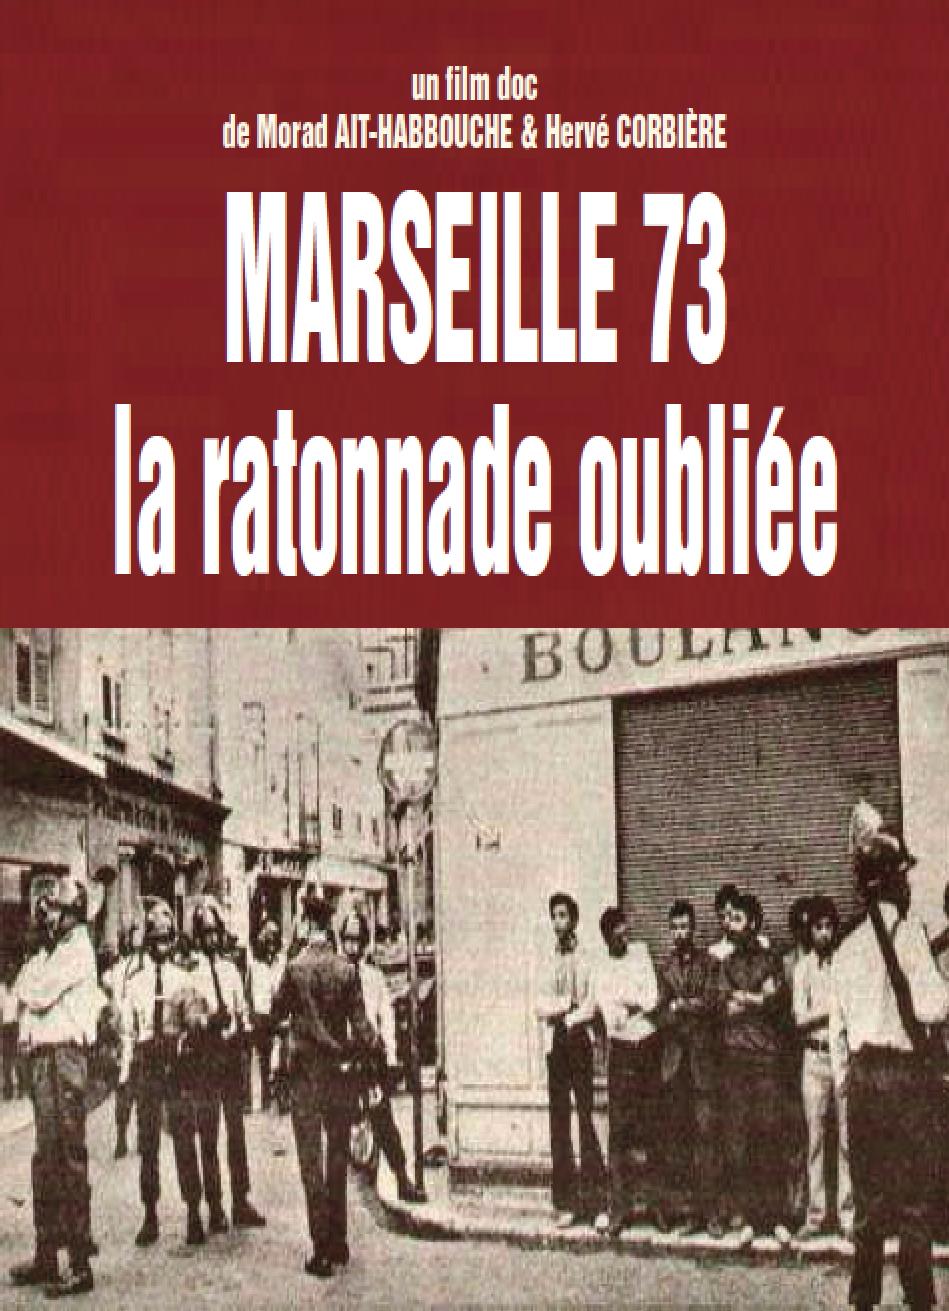 MARSEILLE 73 : la ratonnade oubliée